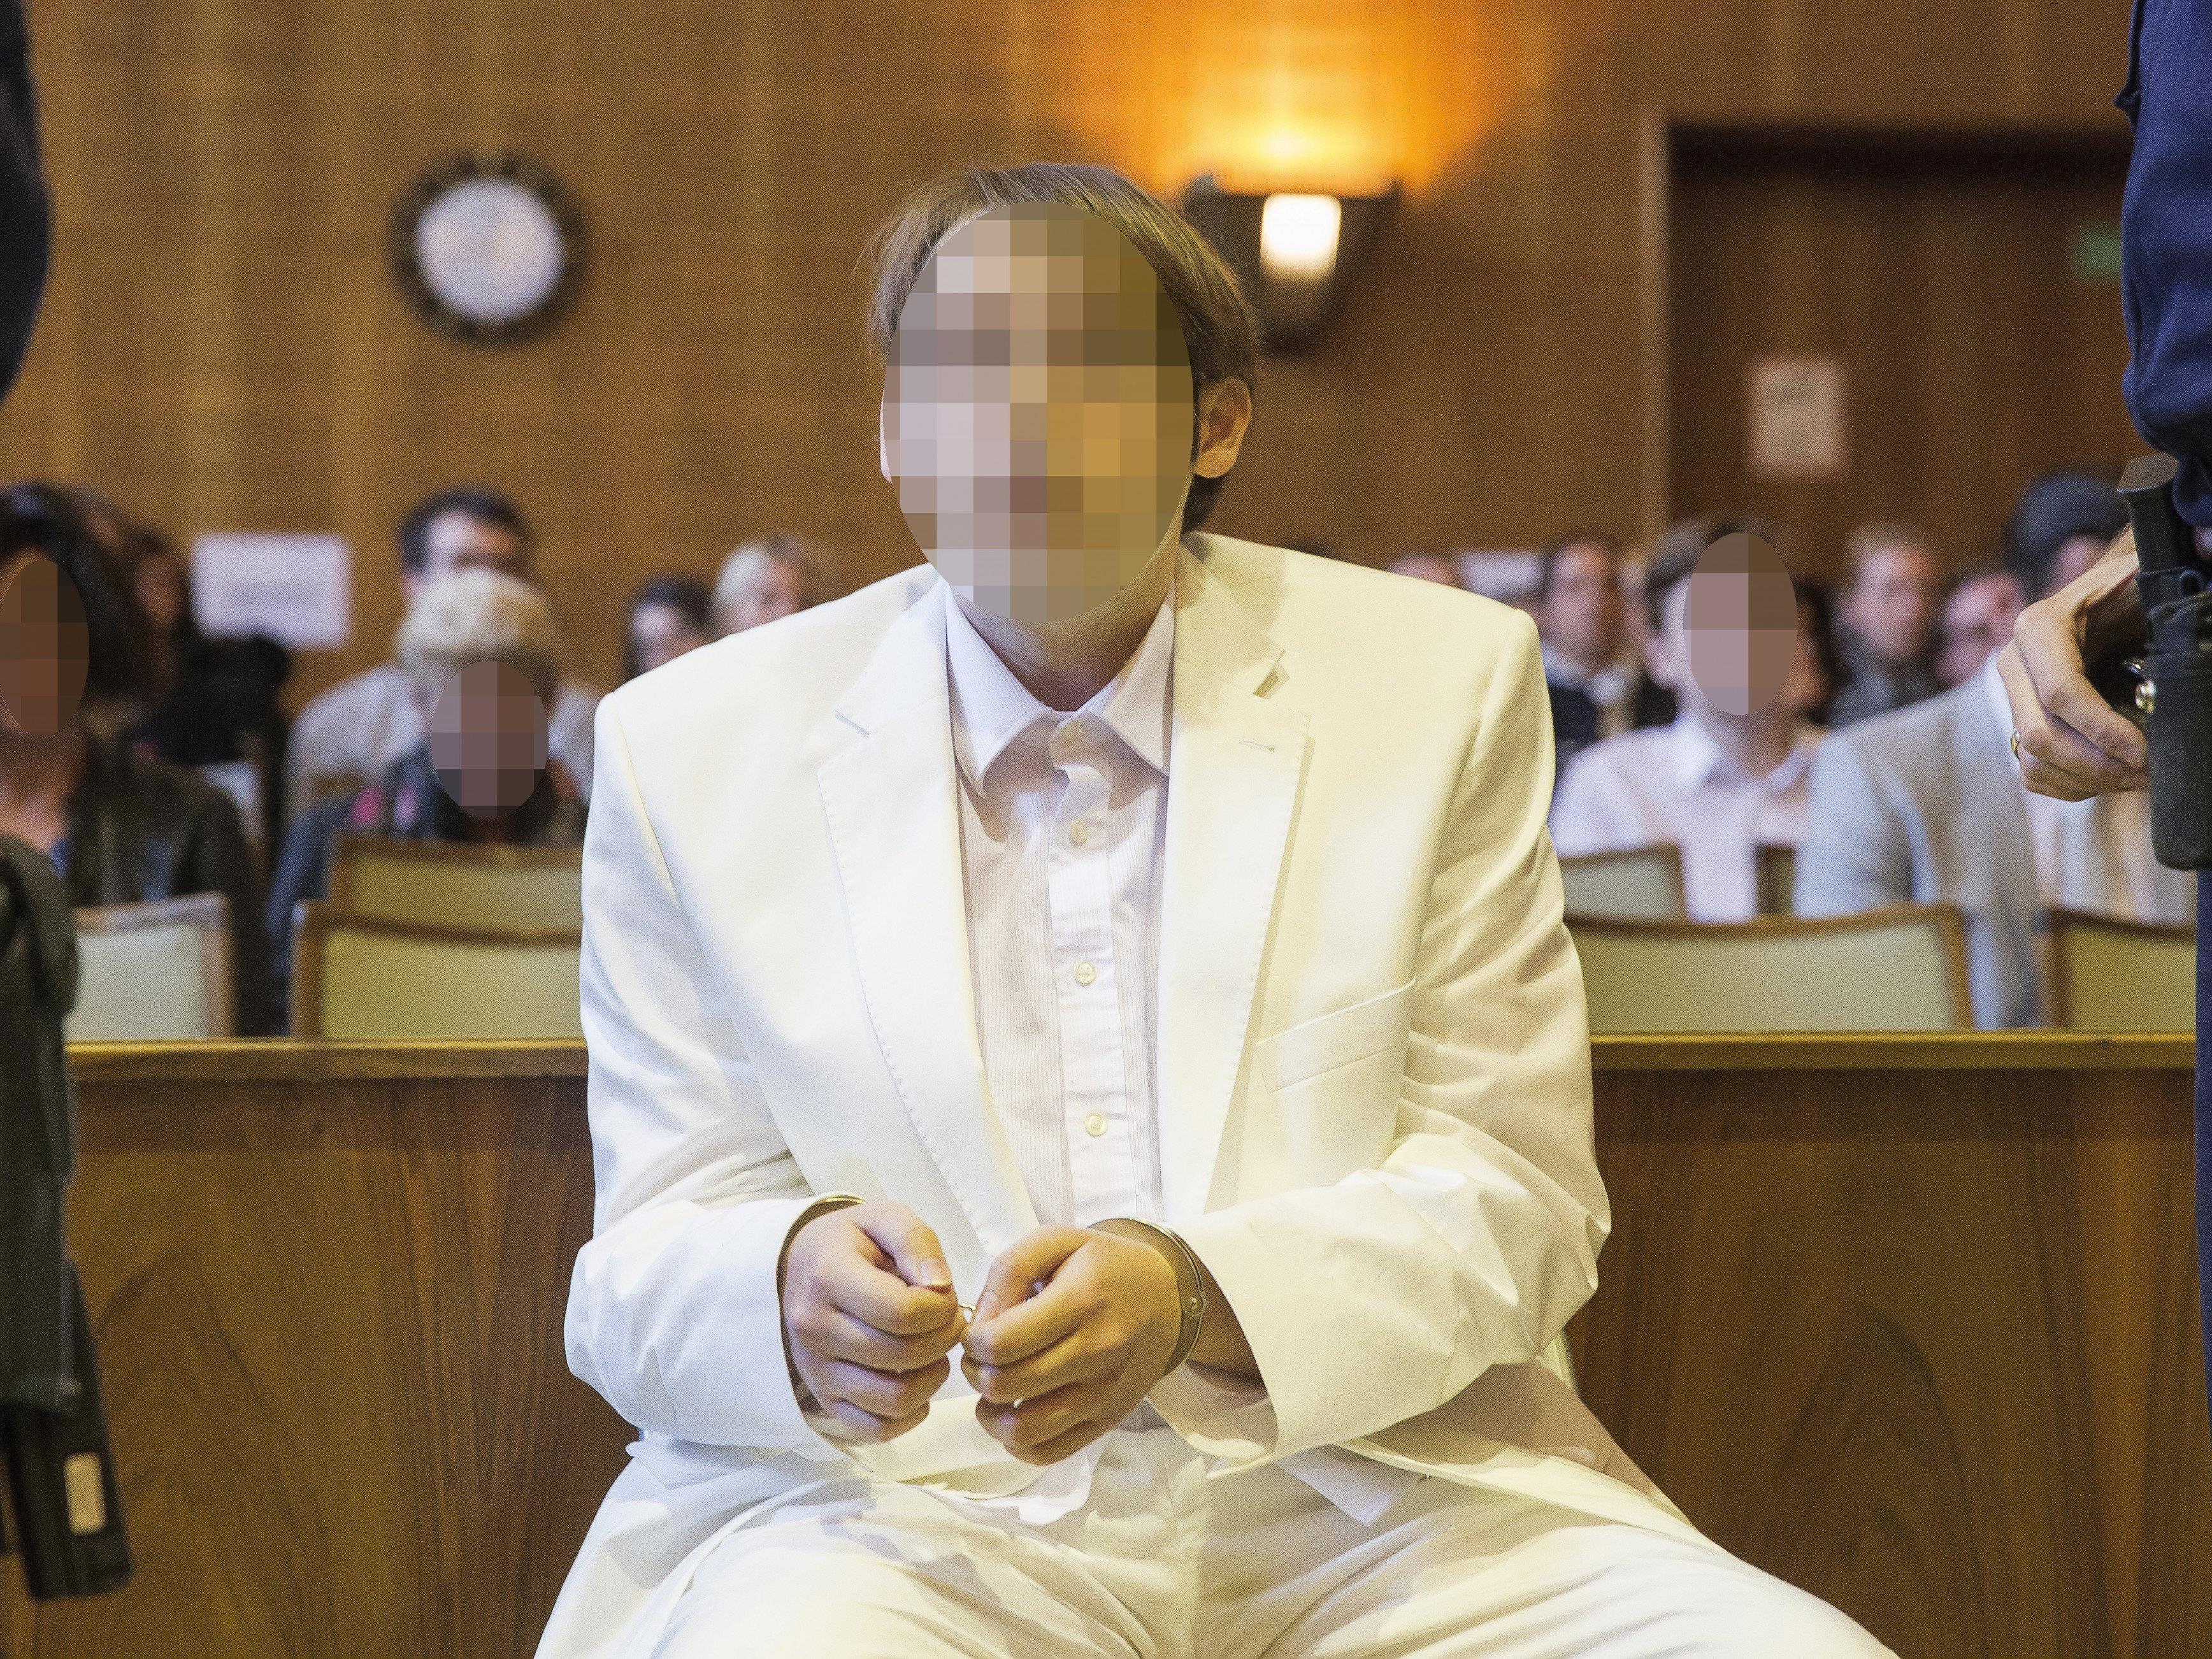 Der Grazer Amok-Fahrer Alen R. wurde für zurechnungsfähig befunden und verurteilt.